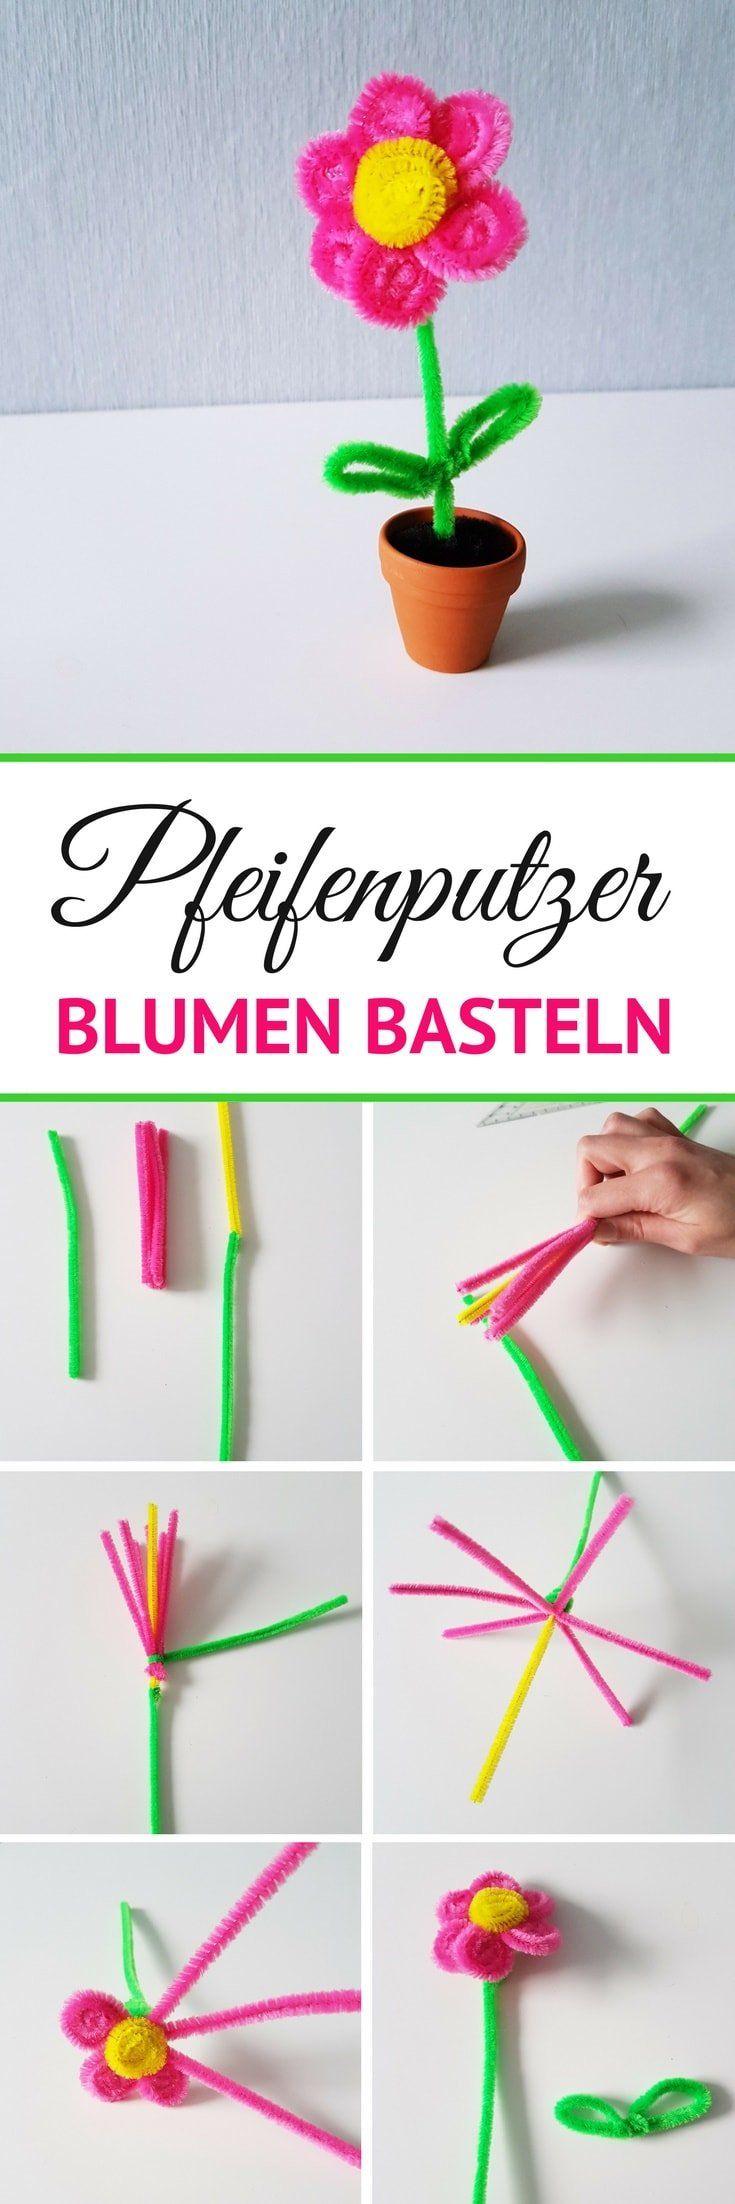 Pfeifenputzer Blumen basteln: Einfache Anleitung für Kinder